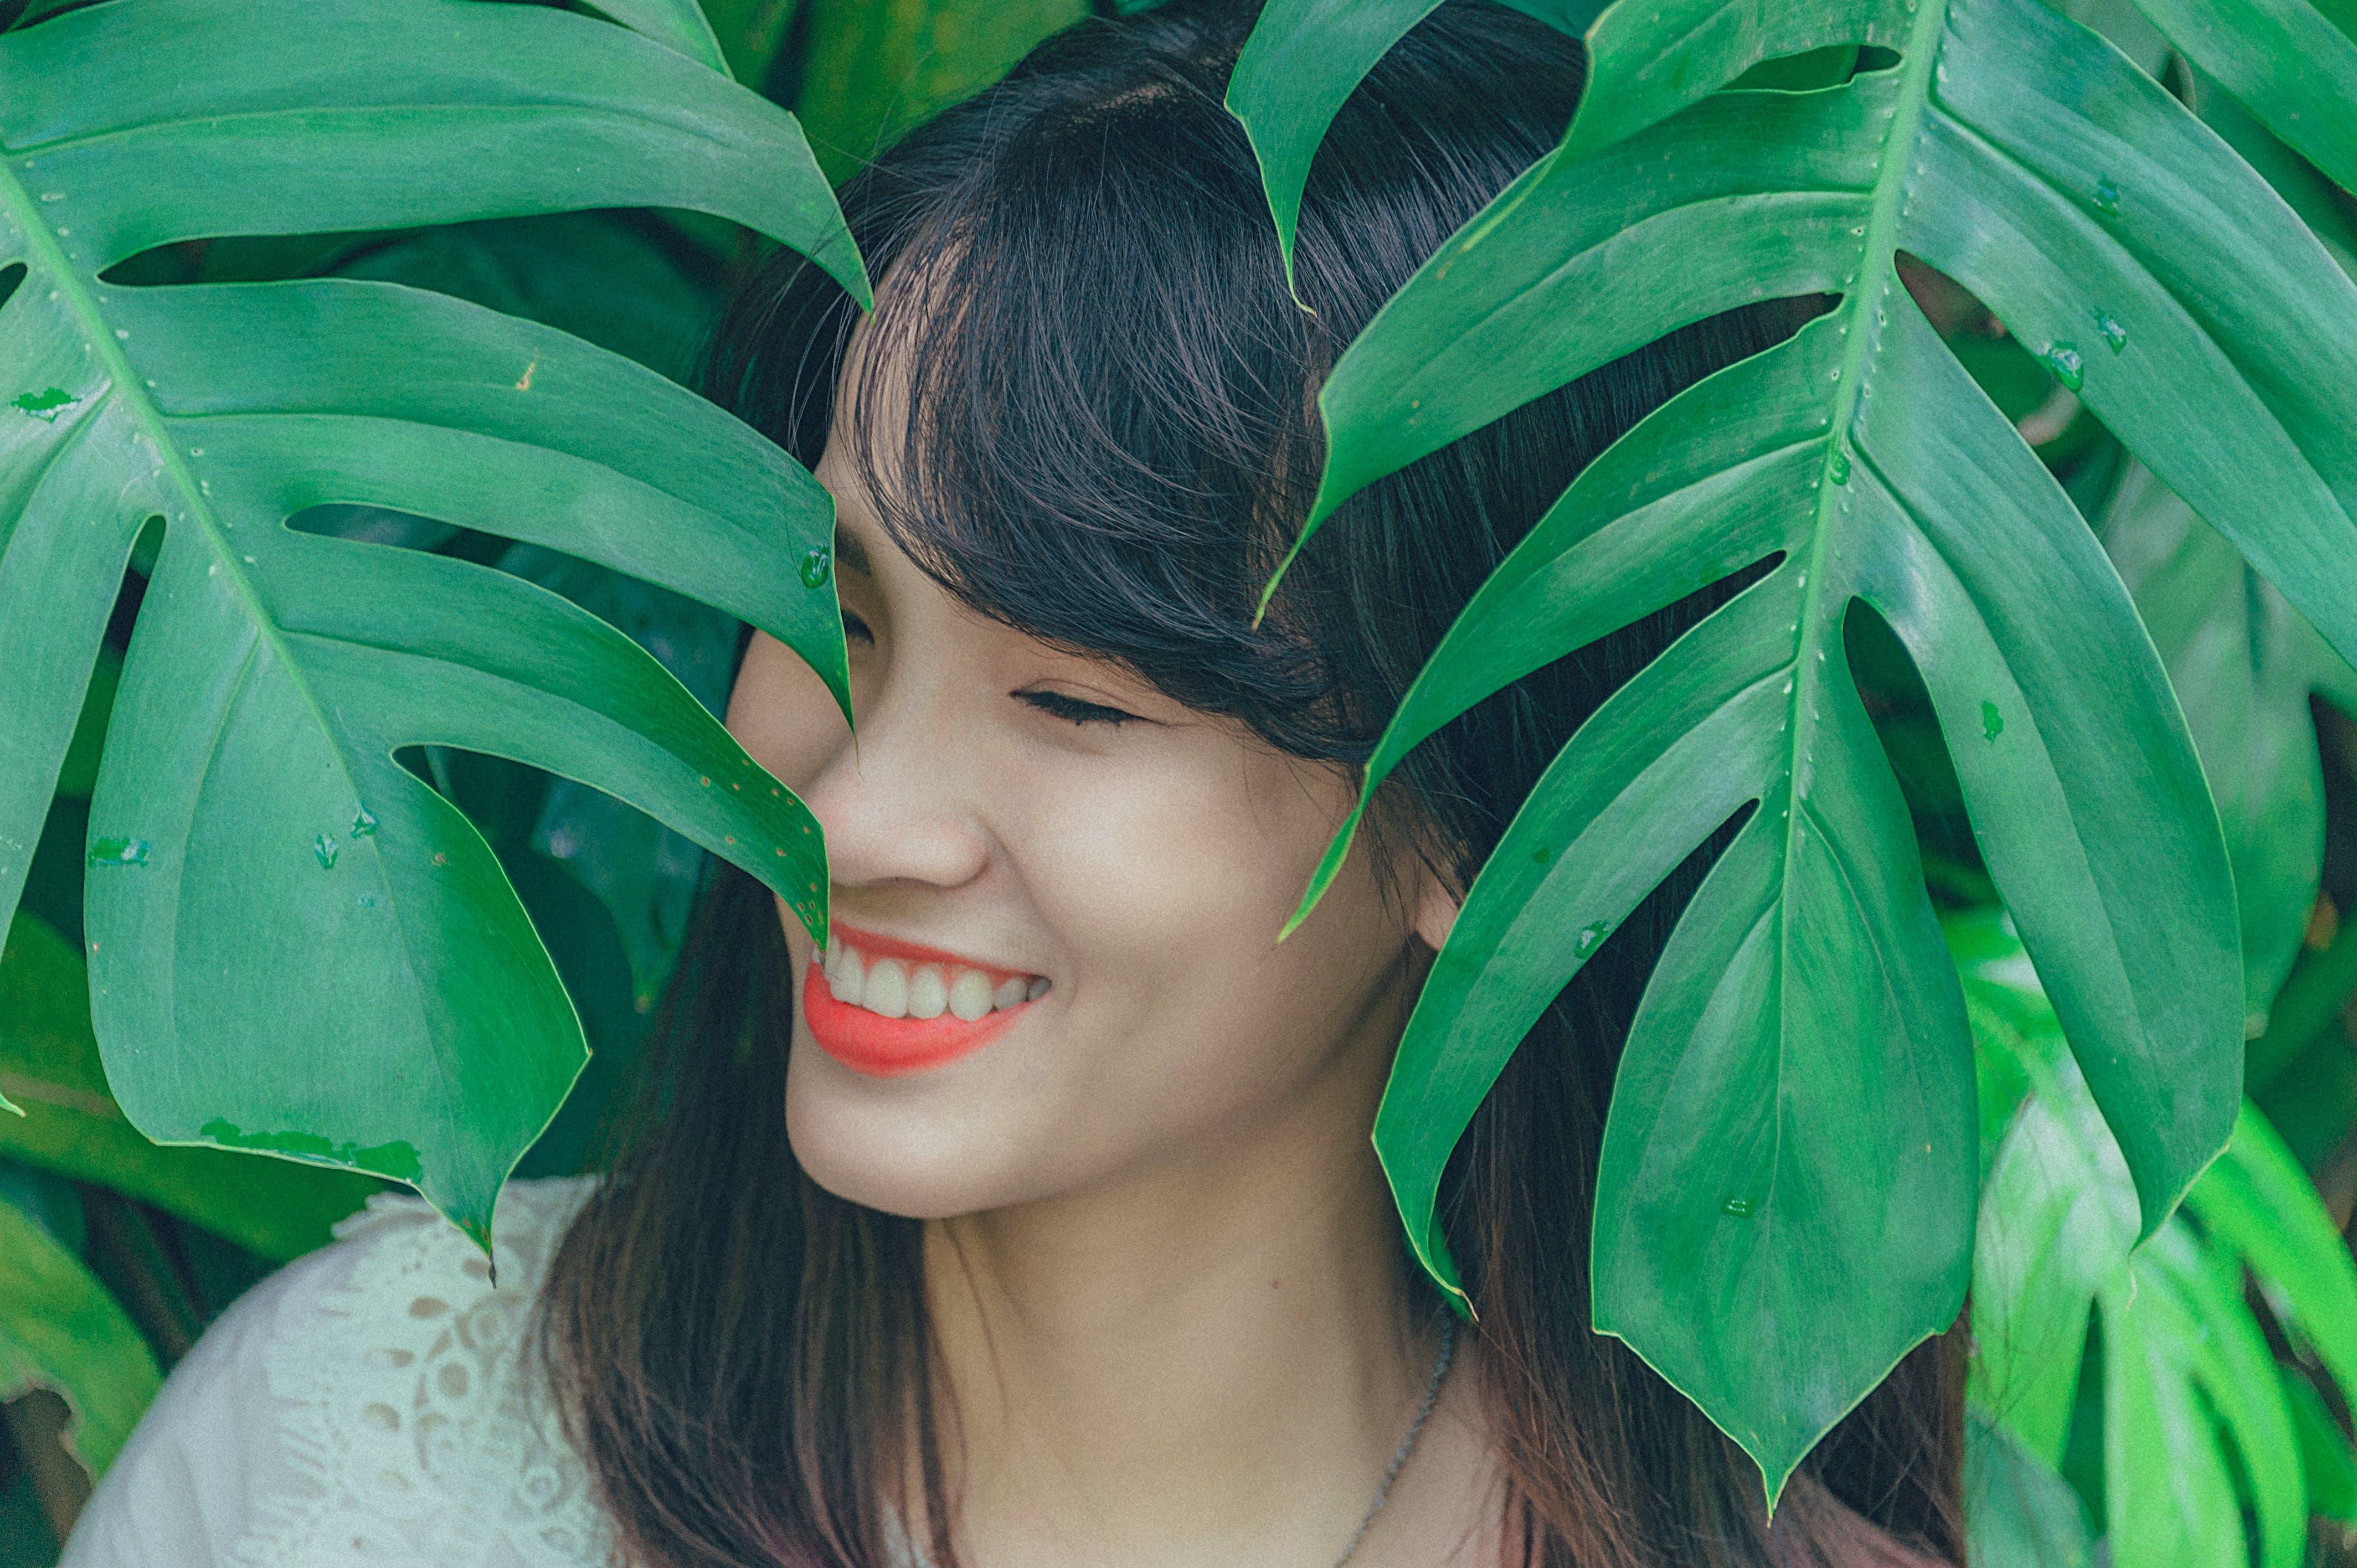 Fotos de stock gratuitas de asiática, asiático, atractivo, belleza